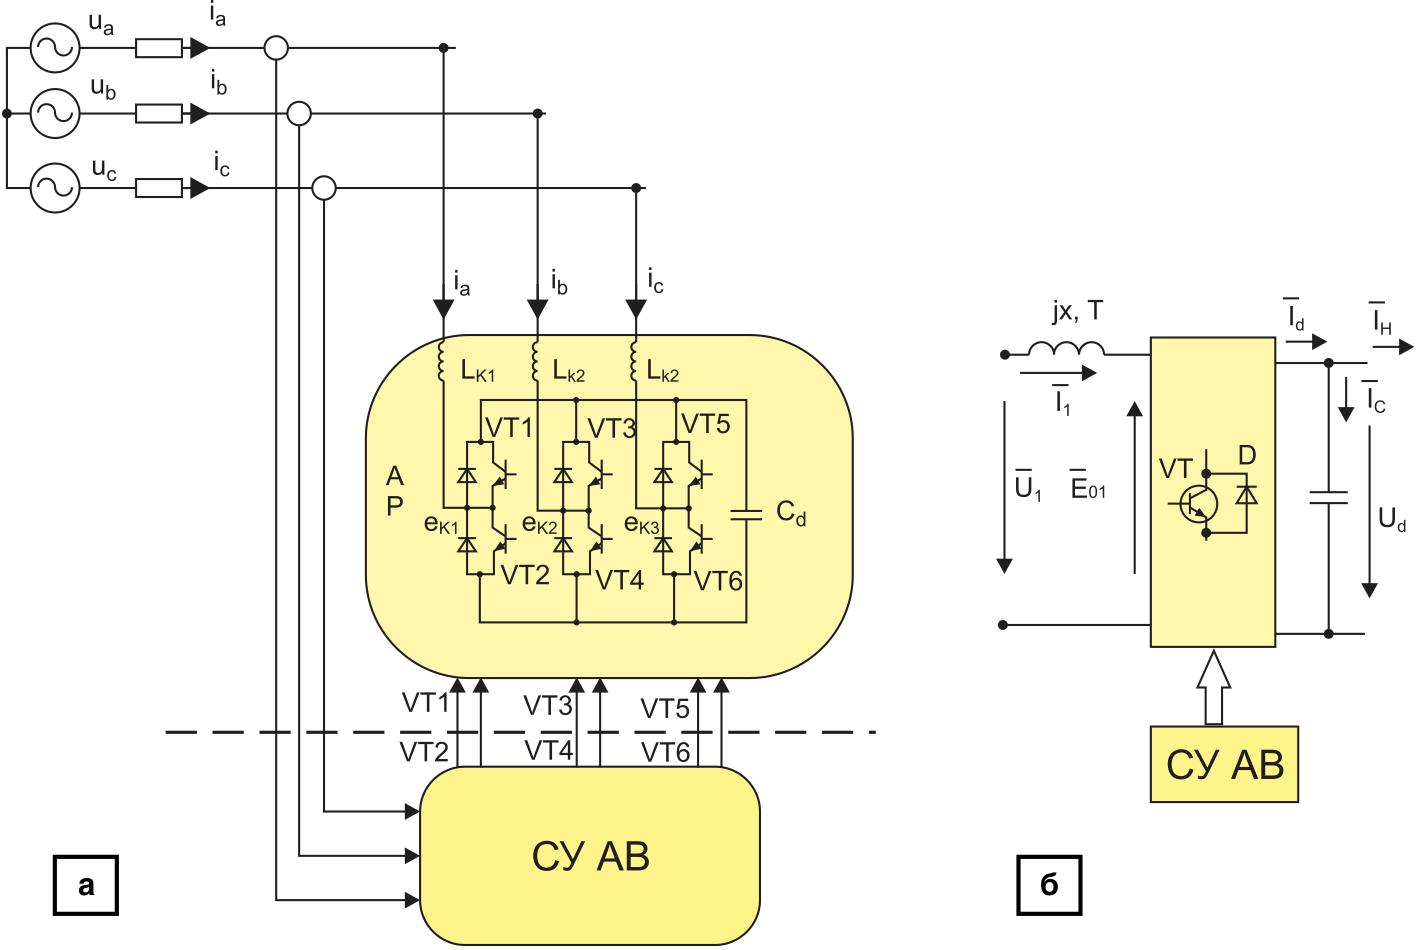 Схемы активного трехфазного полупроводникового выпрямителя: принципиальная и функциональная